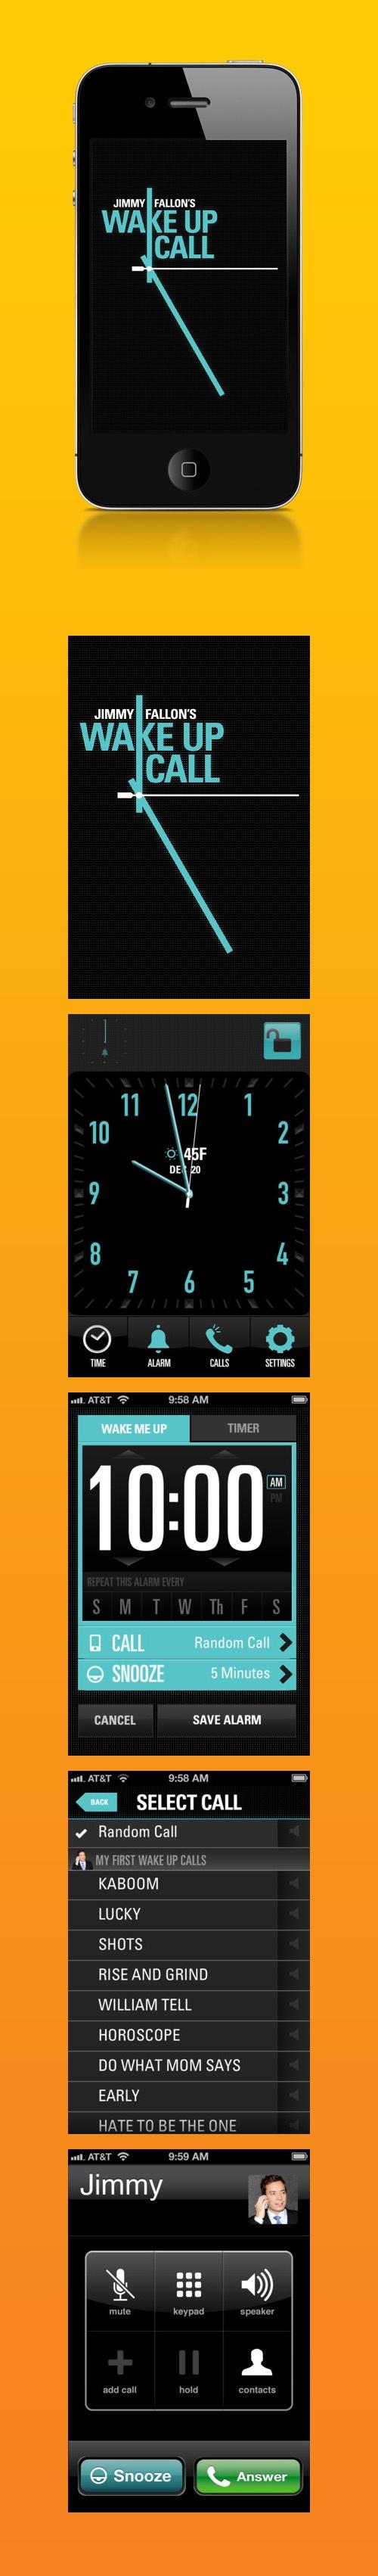 Jimmy Fallon's Wake Up Call / By Sparklefarmer Inc